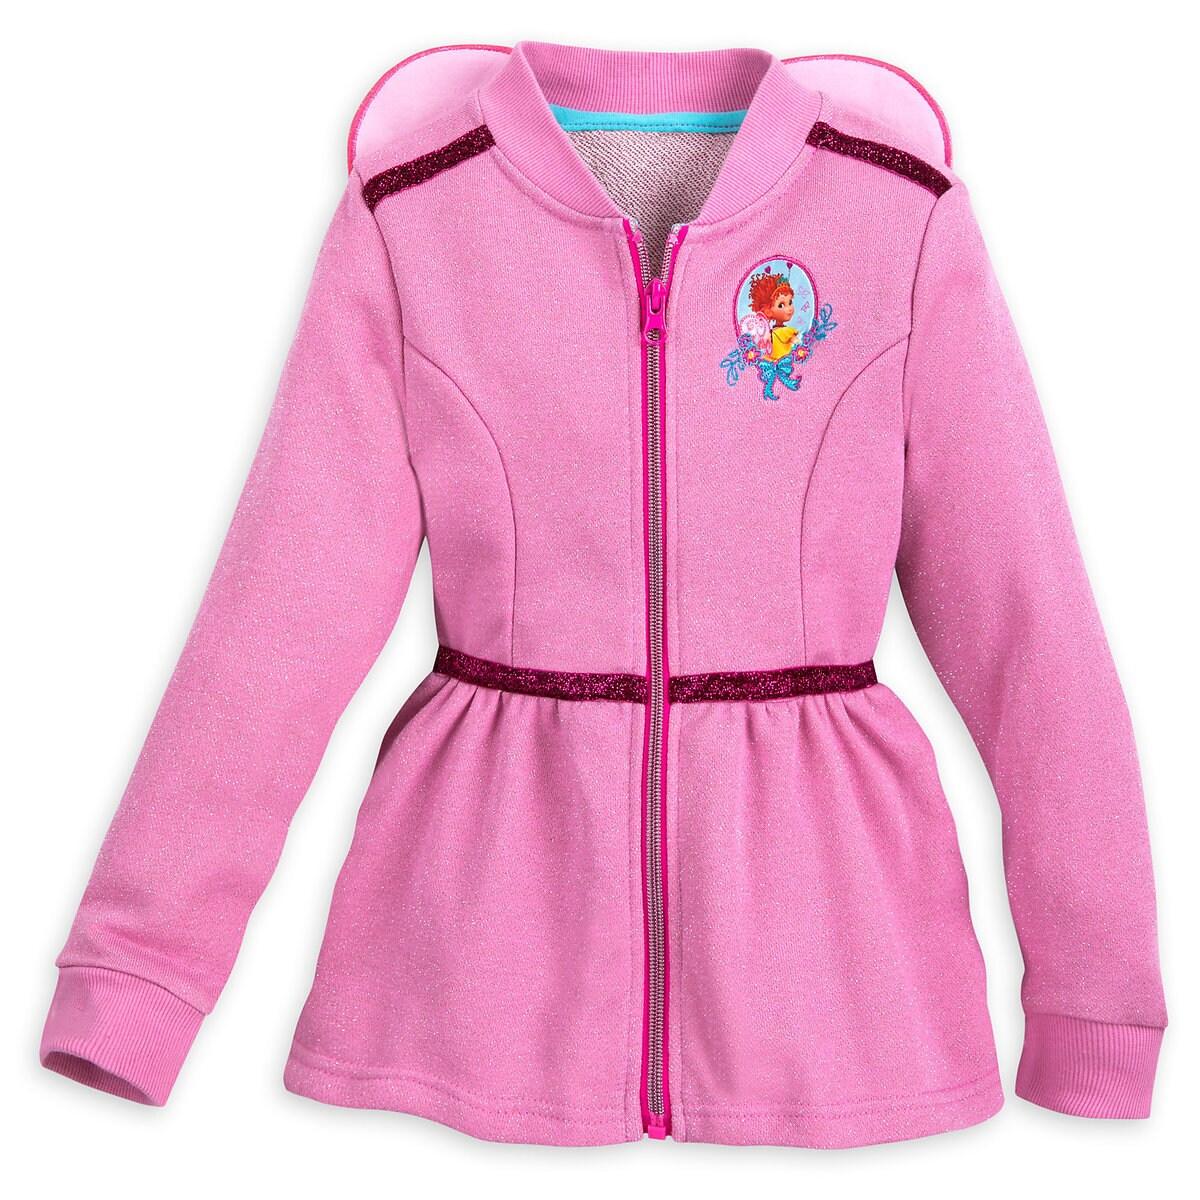 f6b074bb1067 Product Image of Fancy Nancy Fleece Jacket for Girls   1